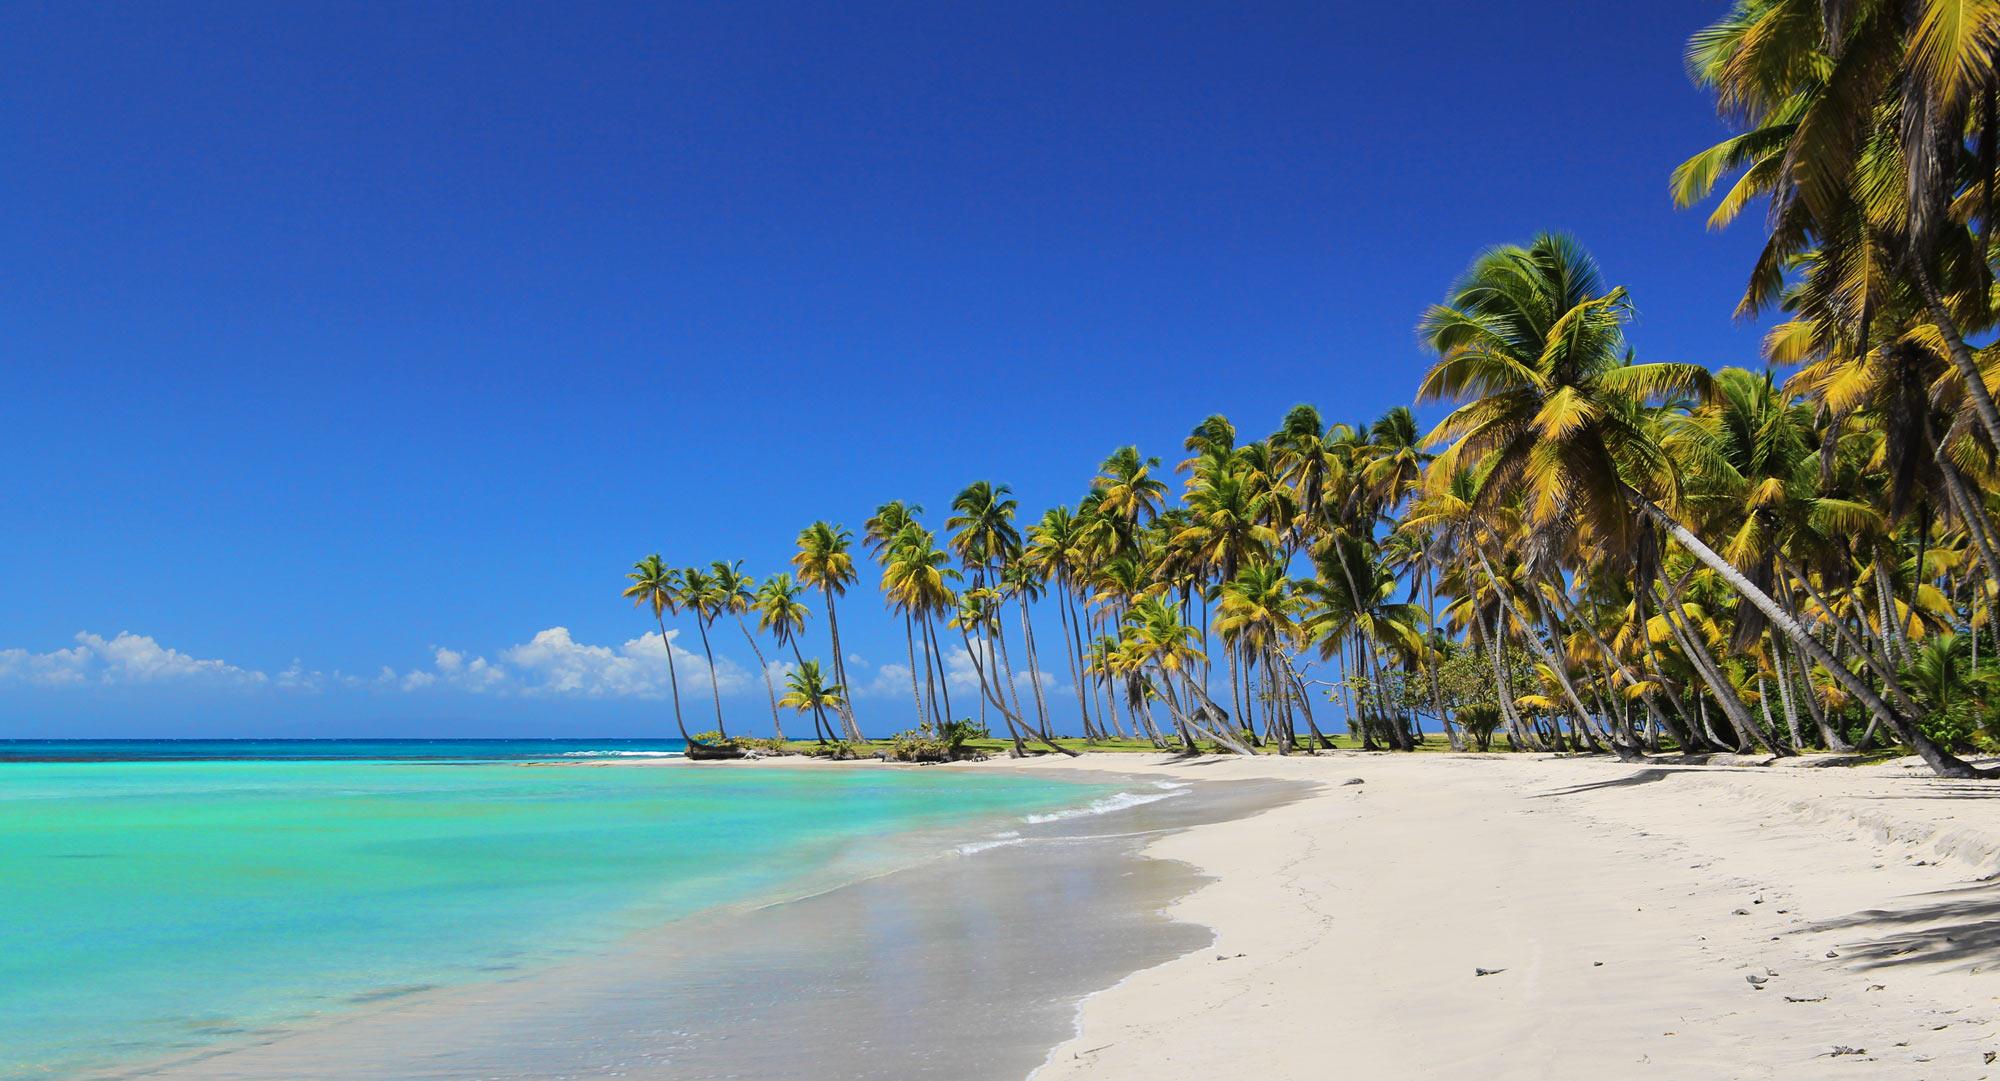 Punta el Rey, Costa Esmeralda, Dominican Republic